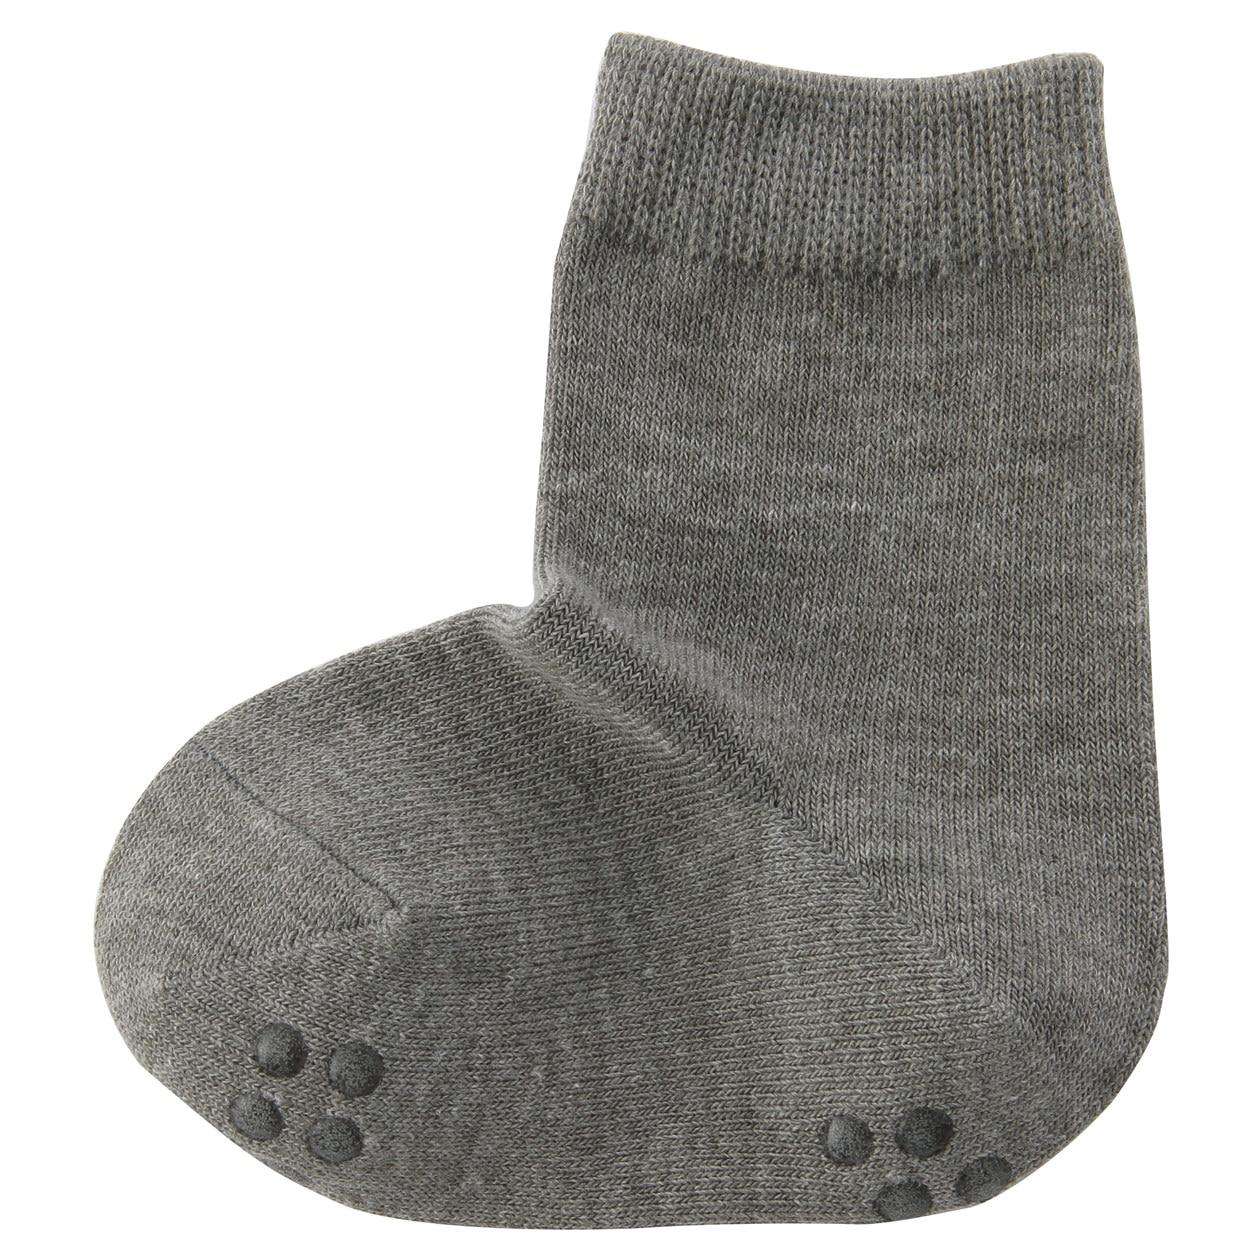 Right Angle Stretchy Plain Socks Baby Baby 13 15cm Gray Muji